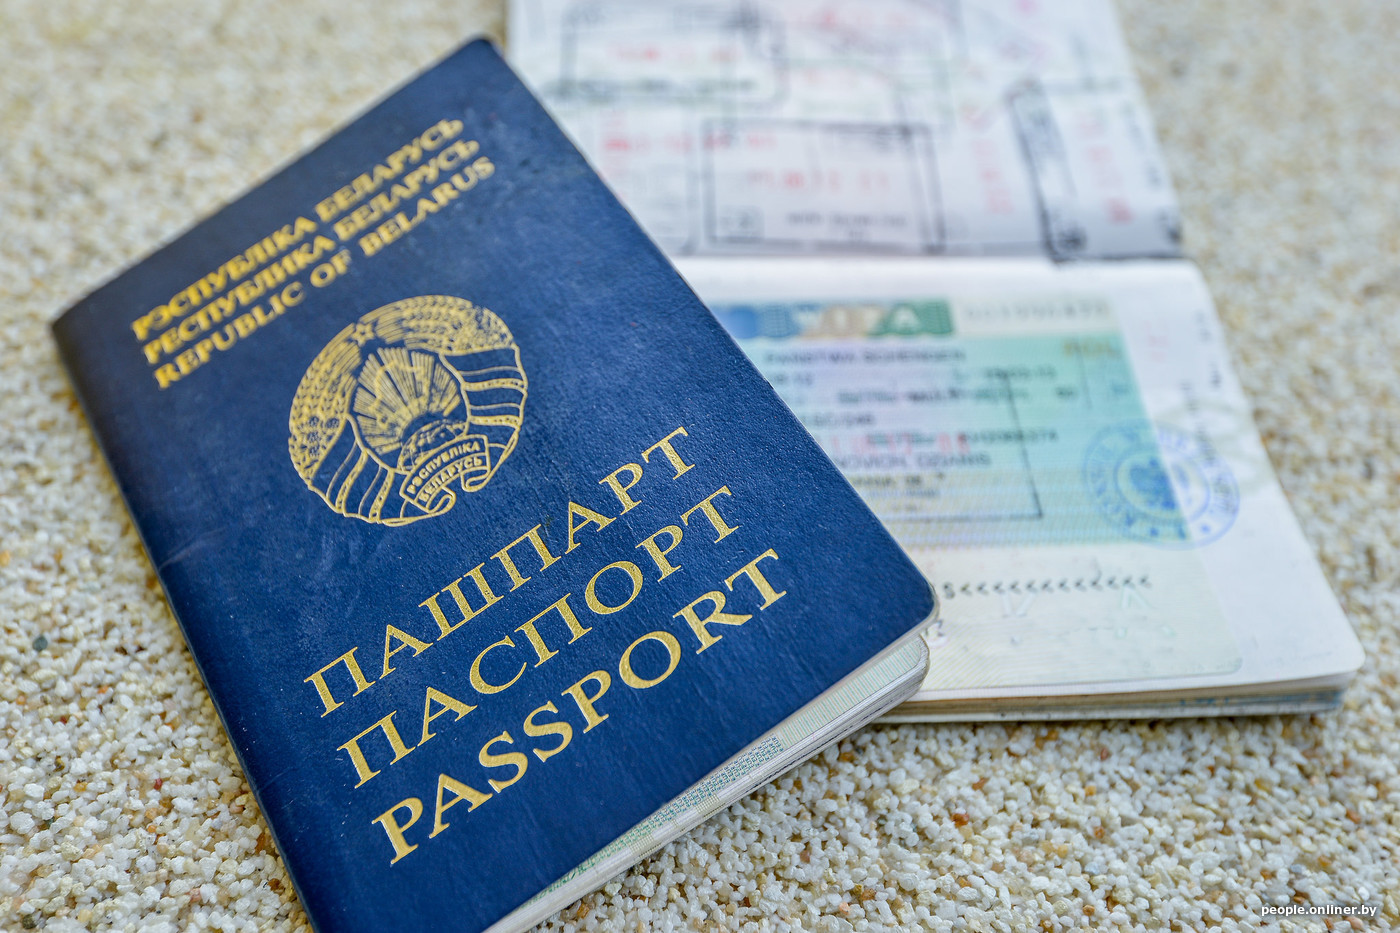 потеряла паспорт взяли кредиткупить квартиру в тюмени в ипотеку без первоначального взноса